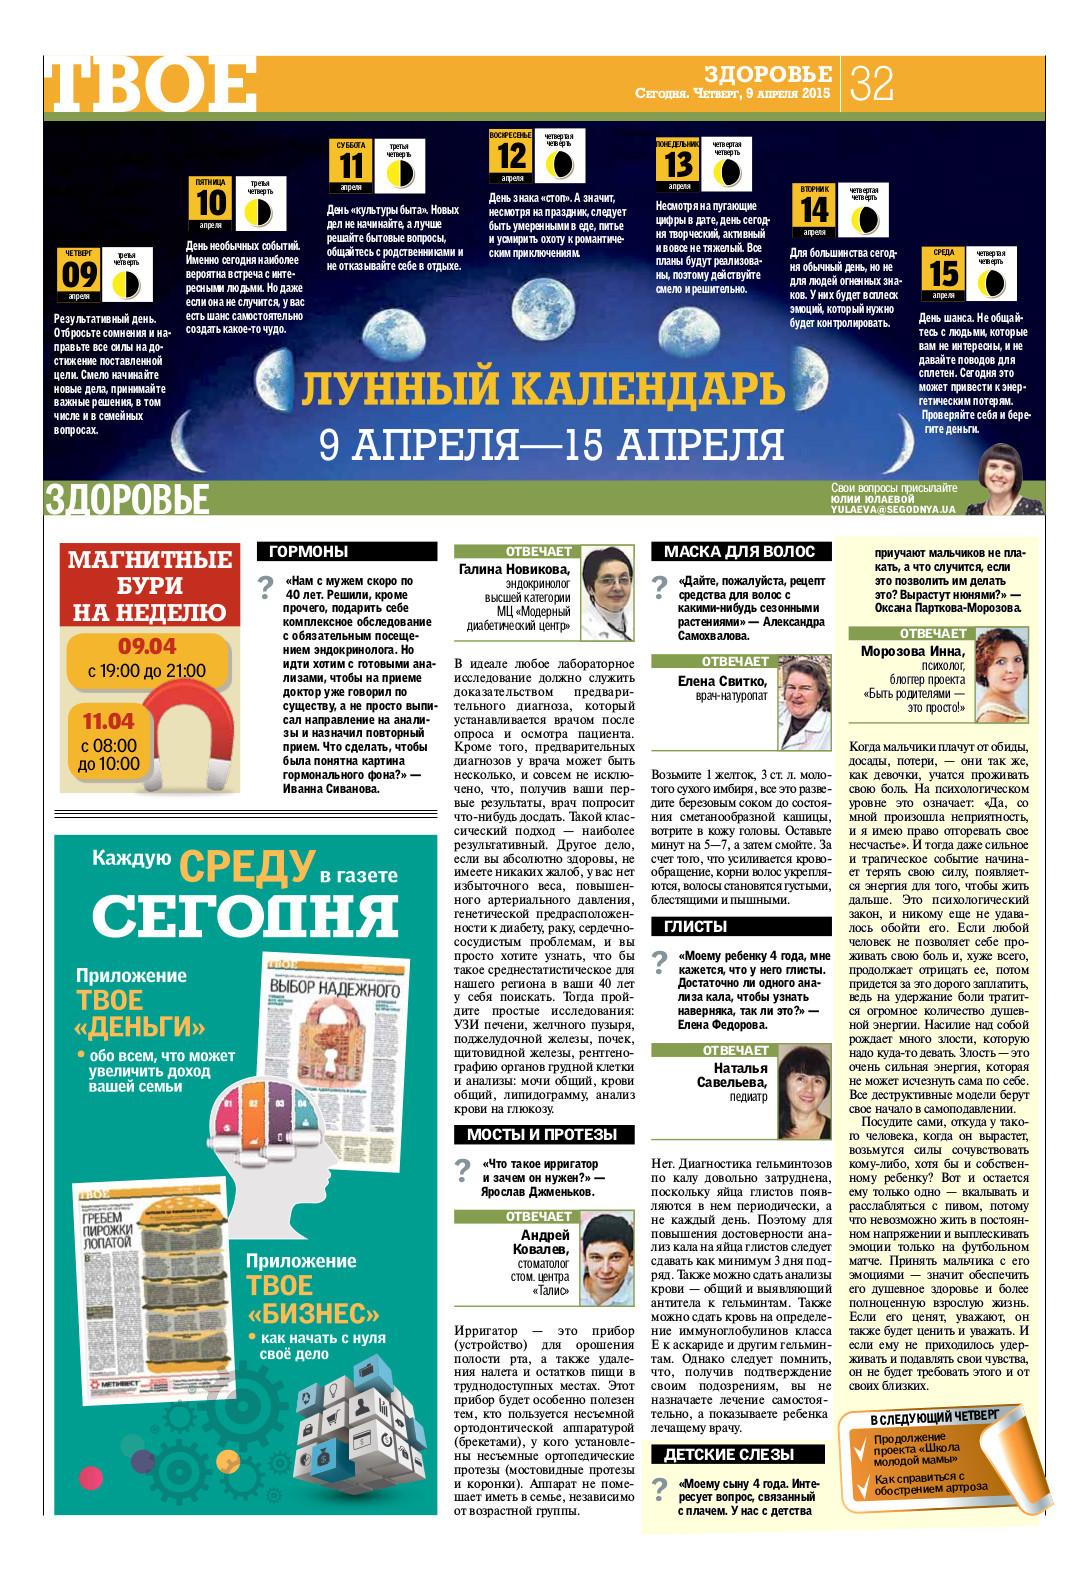 СЕГОДНЯ - 09.04.15